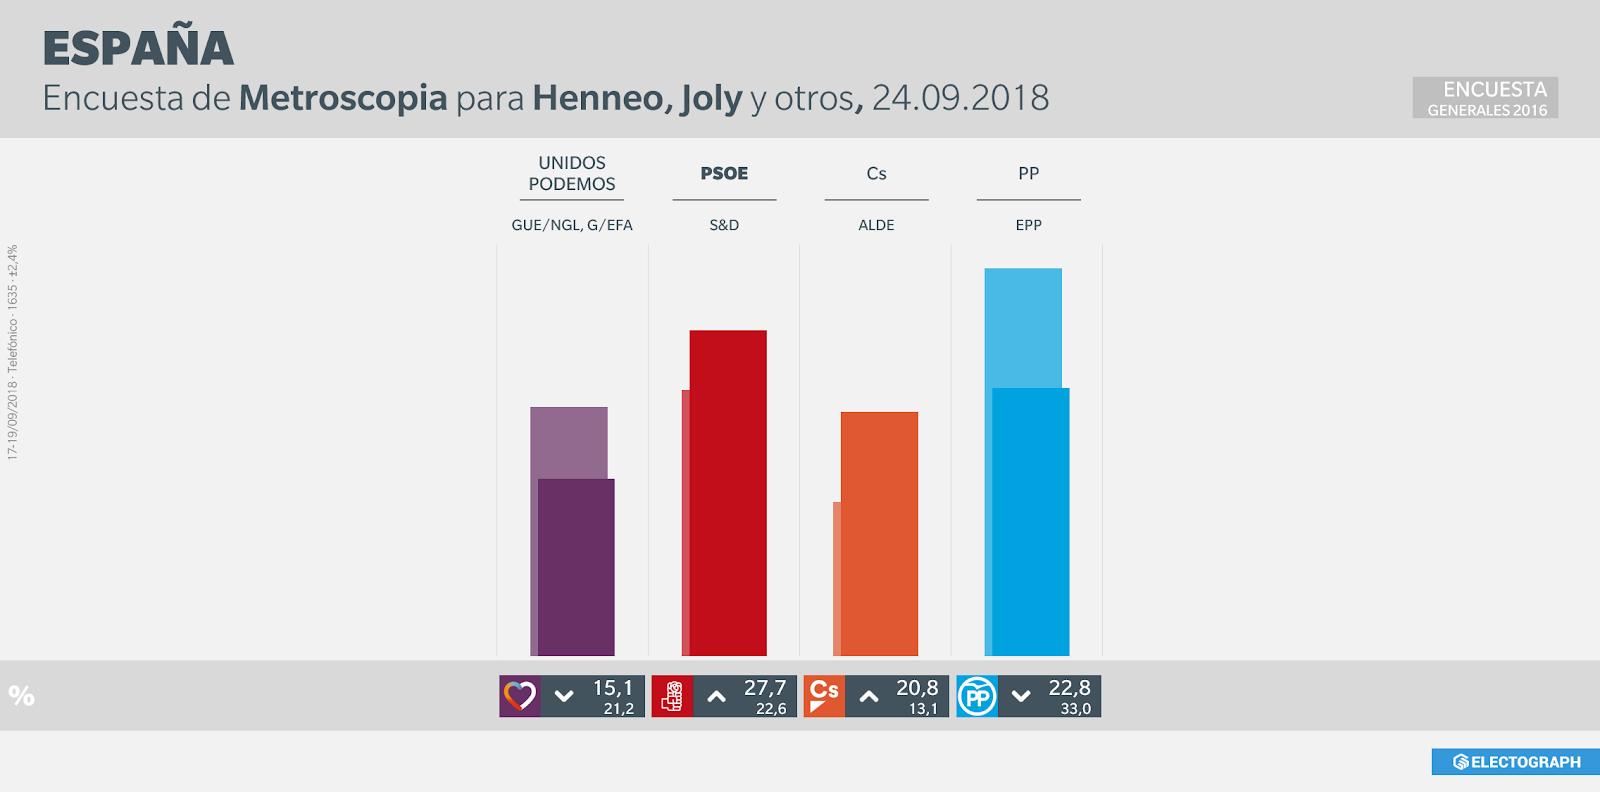 Gráfico de la encuesta para elecciones generales realizada por Metroscopia en septiembre de 2018